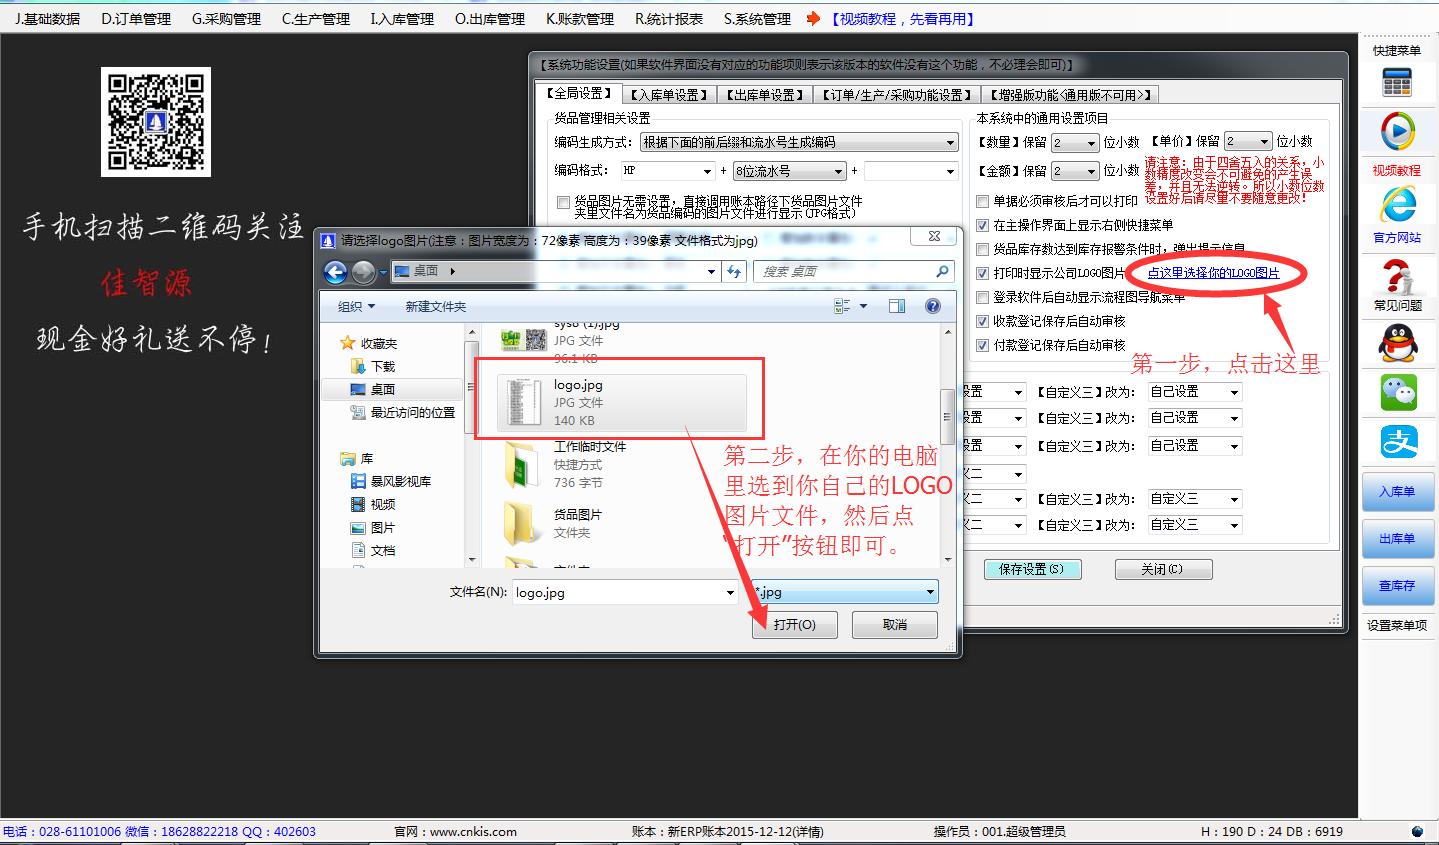 关于ERP生产管理软件打印LOGO图片的设置方法